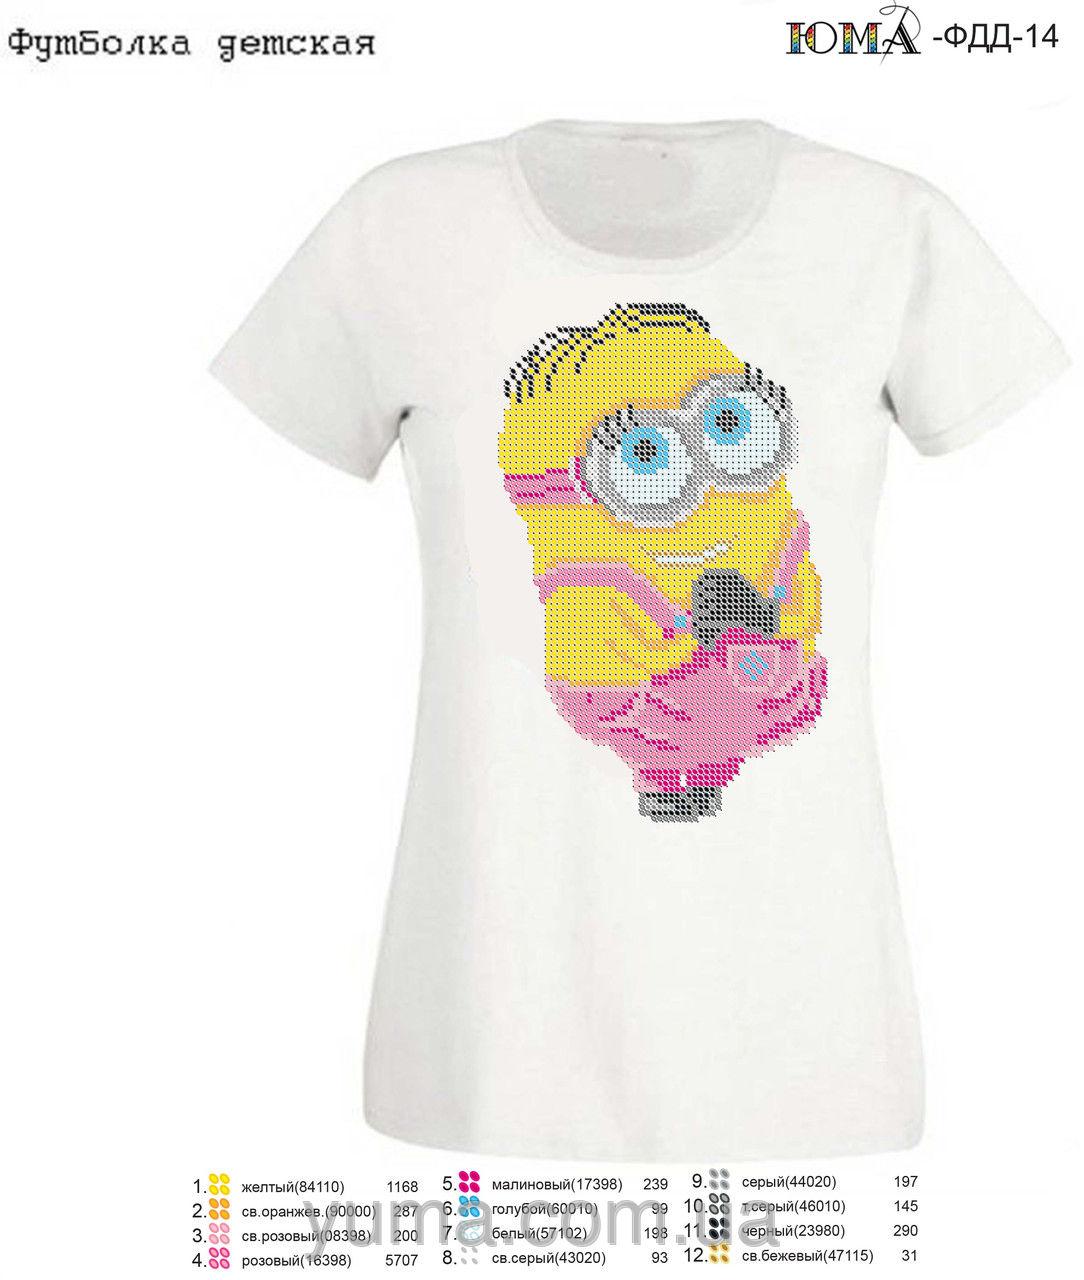 Детская футболка для вышивки бисером Эверест Юма ФДД 26 цена fe6e9a88f4a30